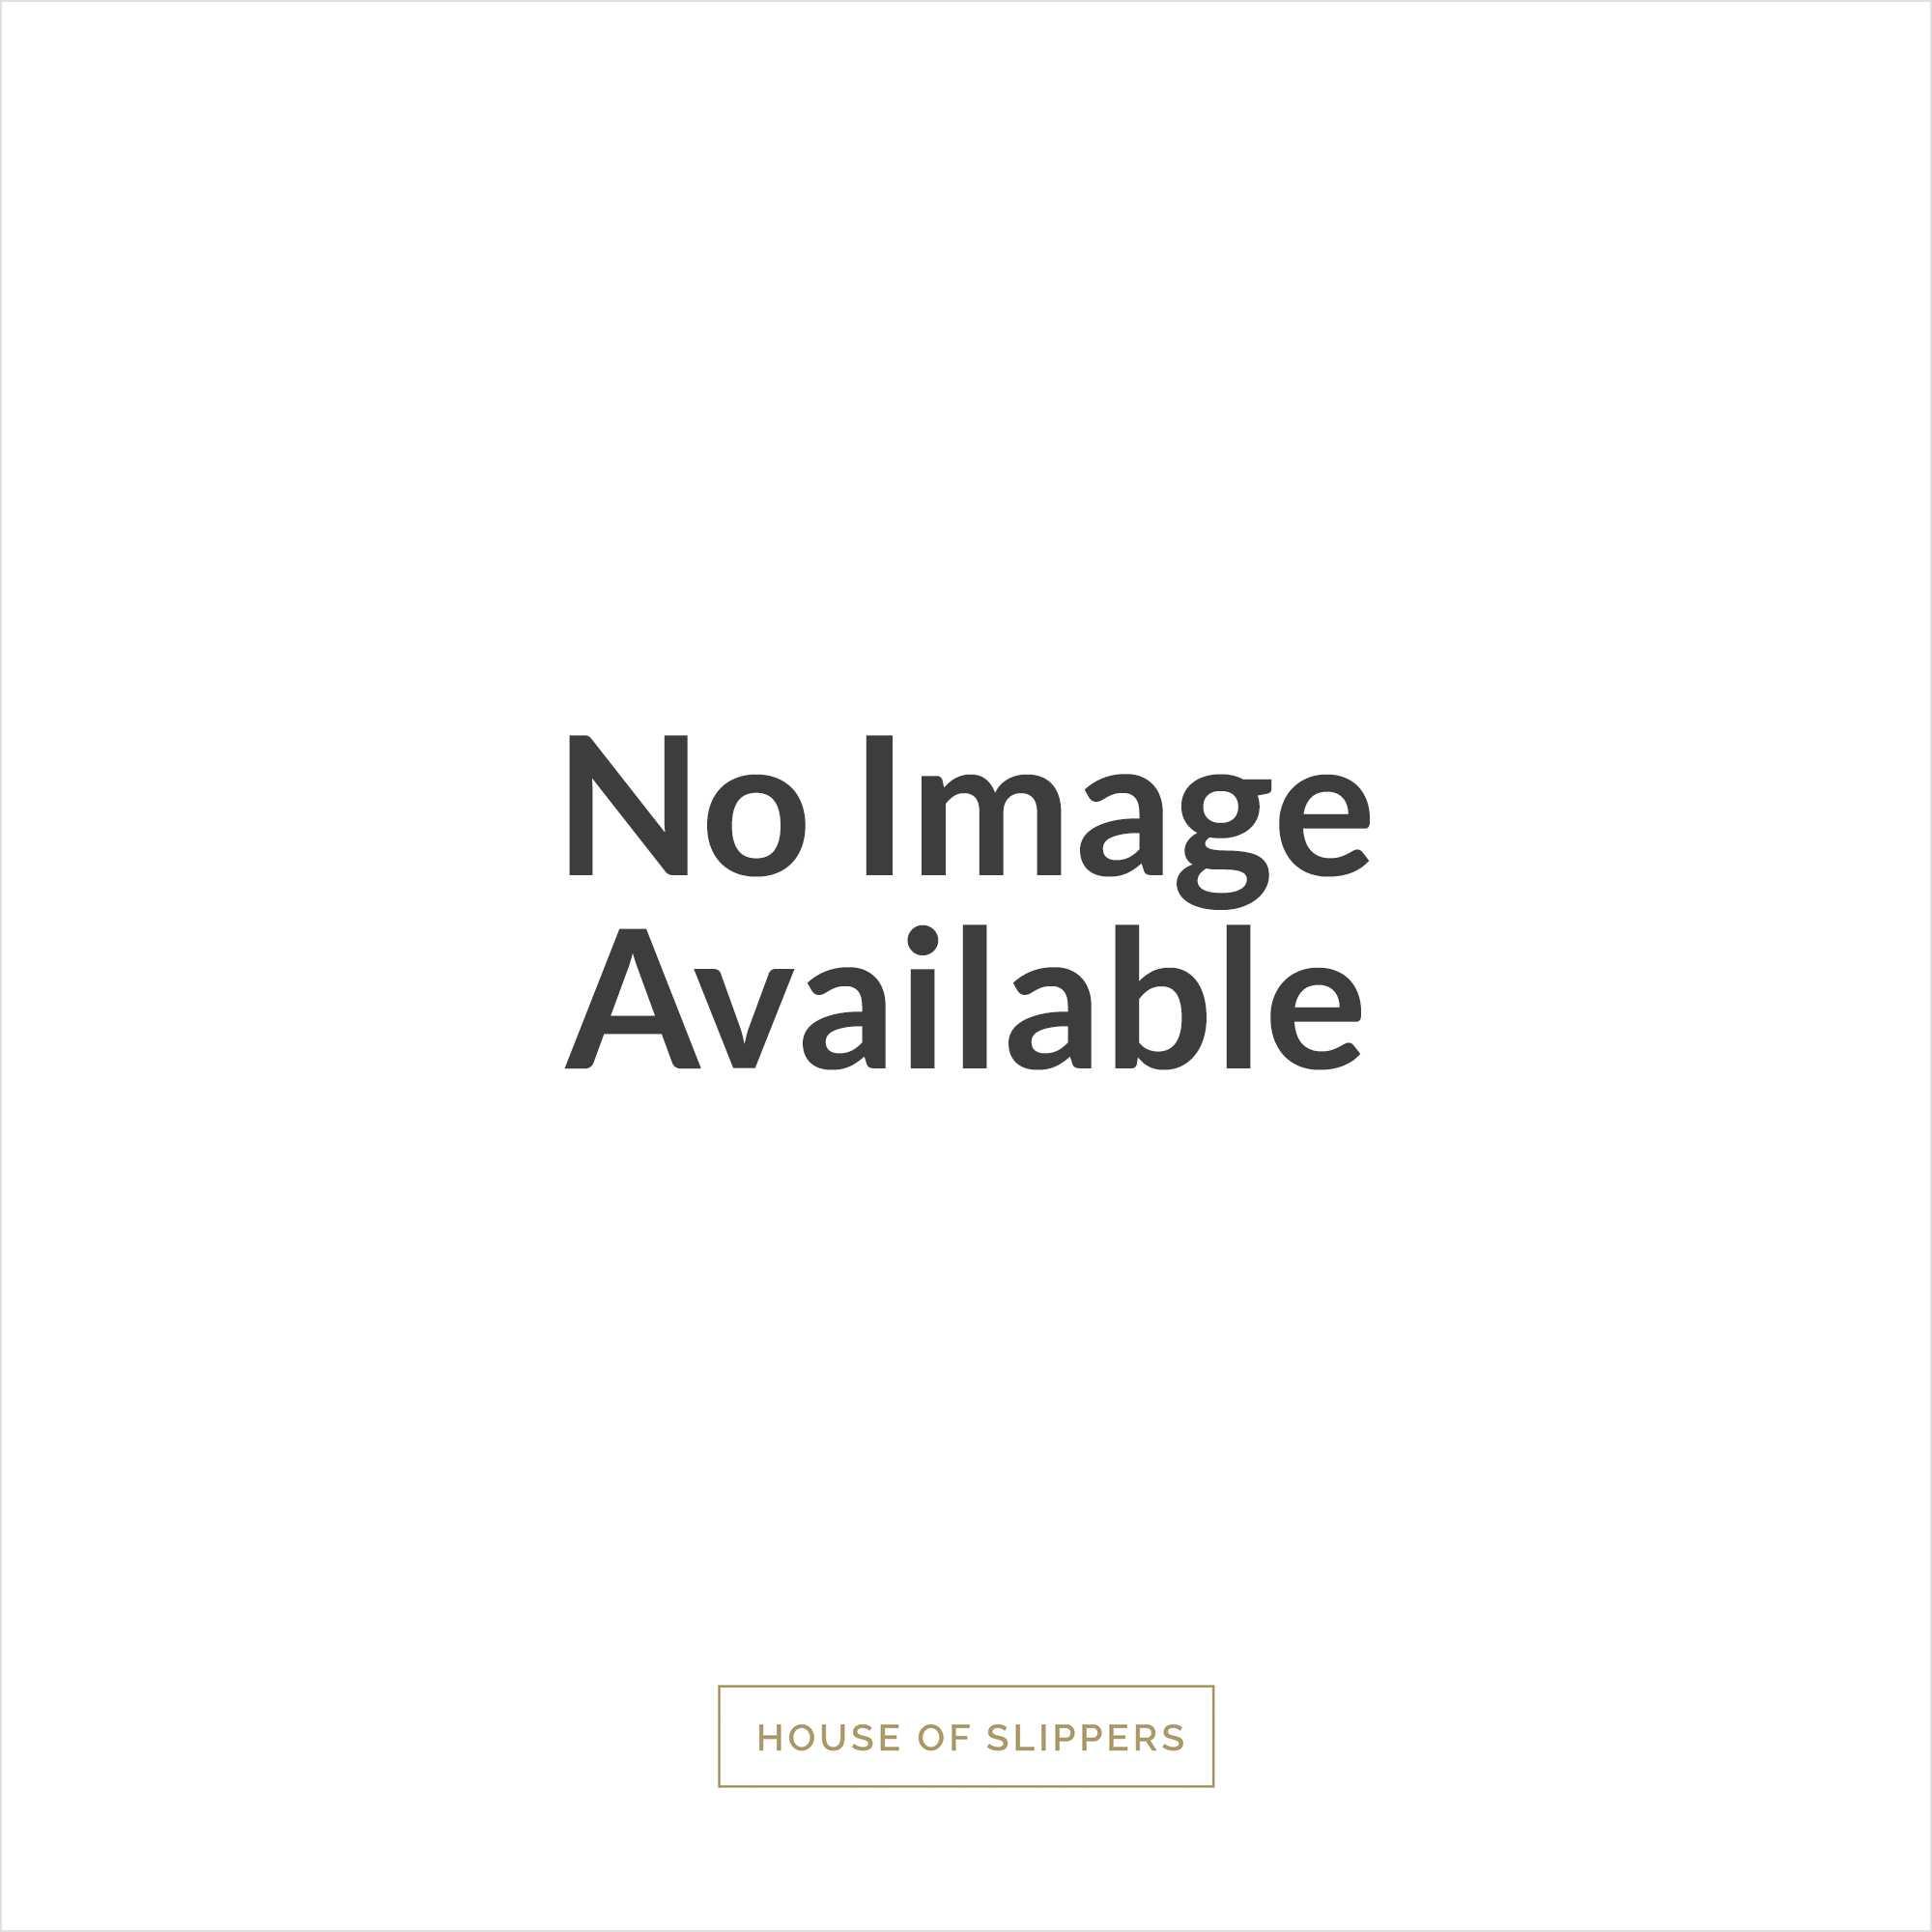 7e436448e8b www.houseofslippers.co.uk/images/ugg-fluff-flip-fl...